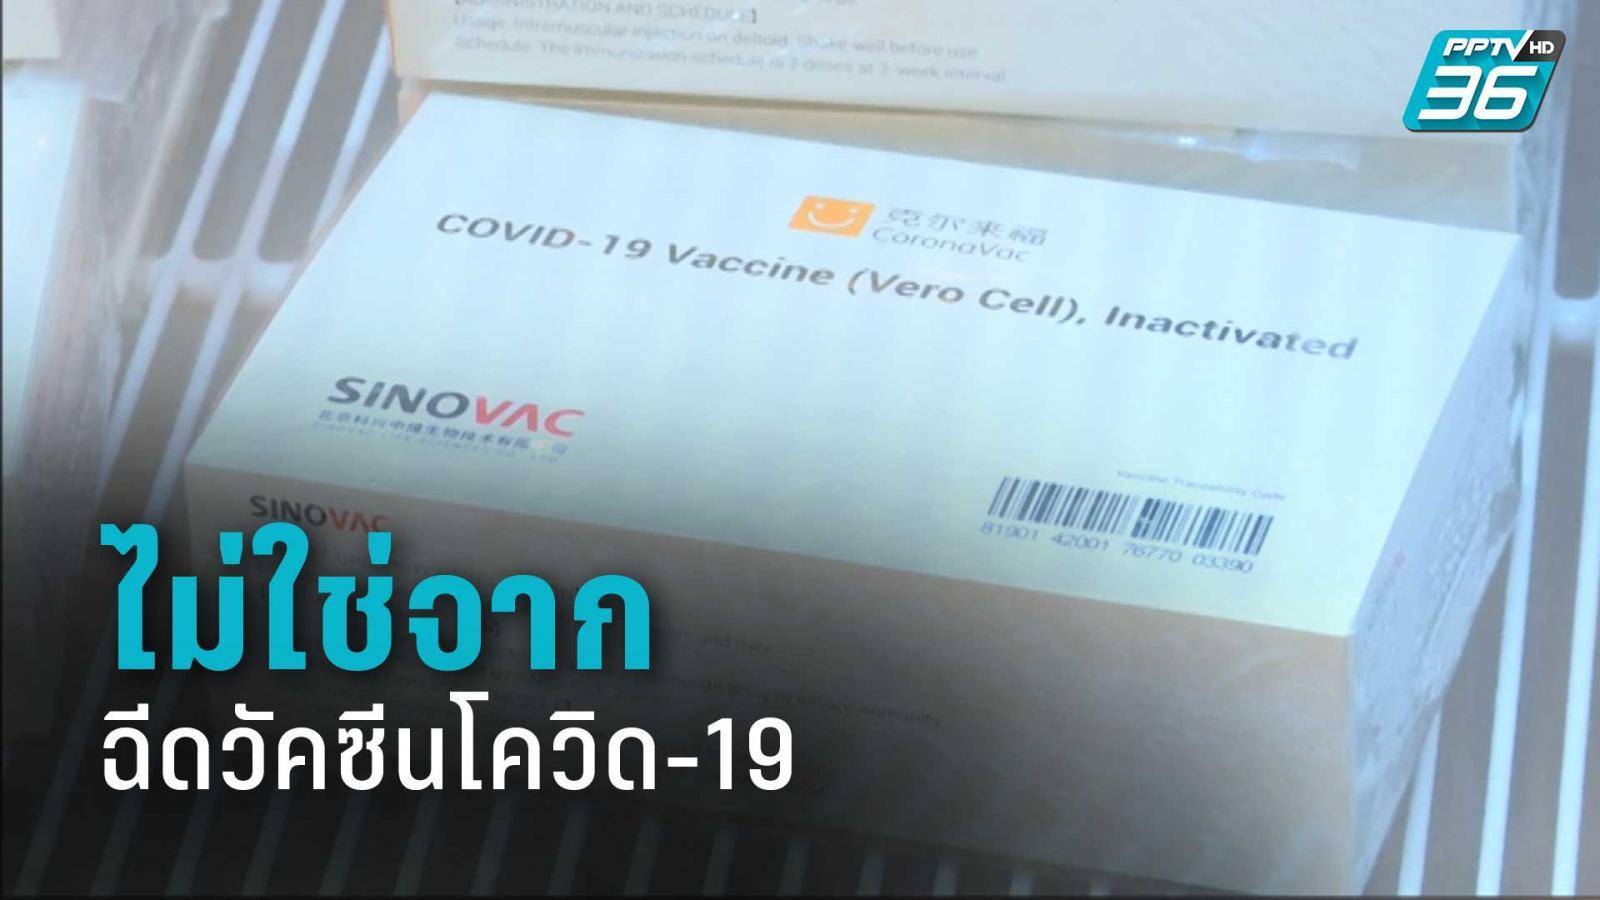 สธ.ยันผู้เสียชีวิต ไม่ใช่จากฉีดวัคซีนโควิด-19